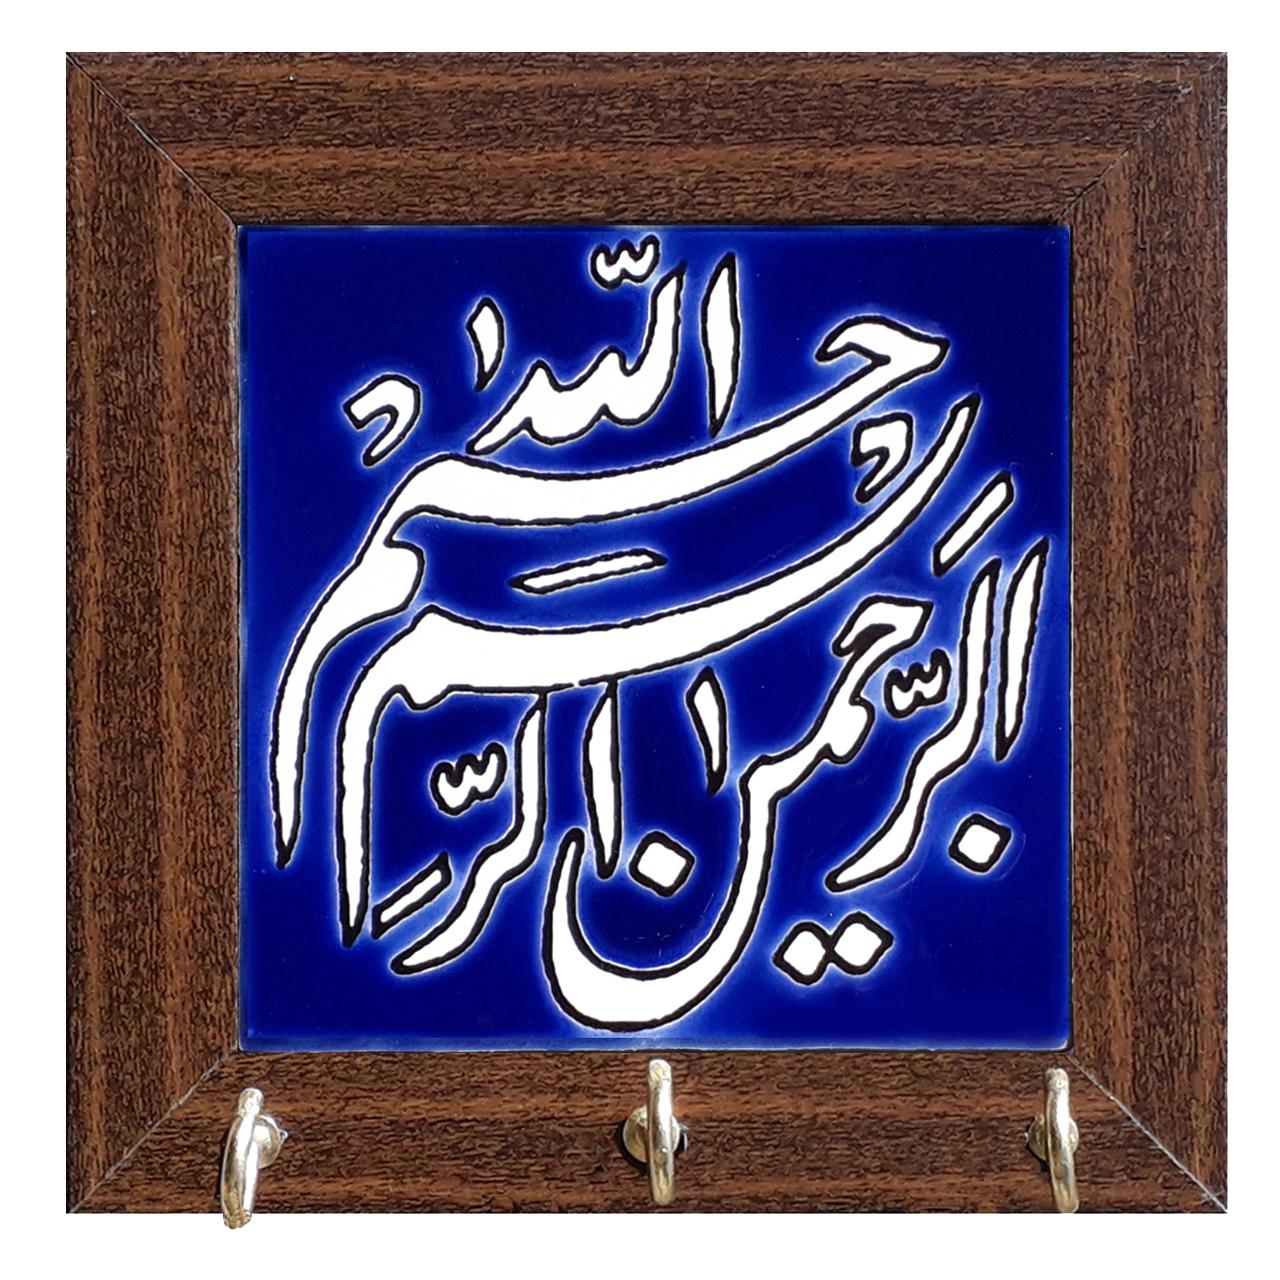 جاکلیدی طرح بسم الله کد 0044